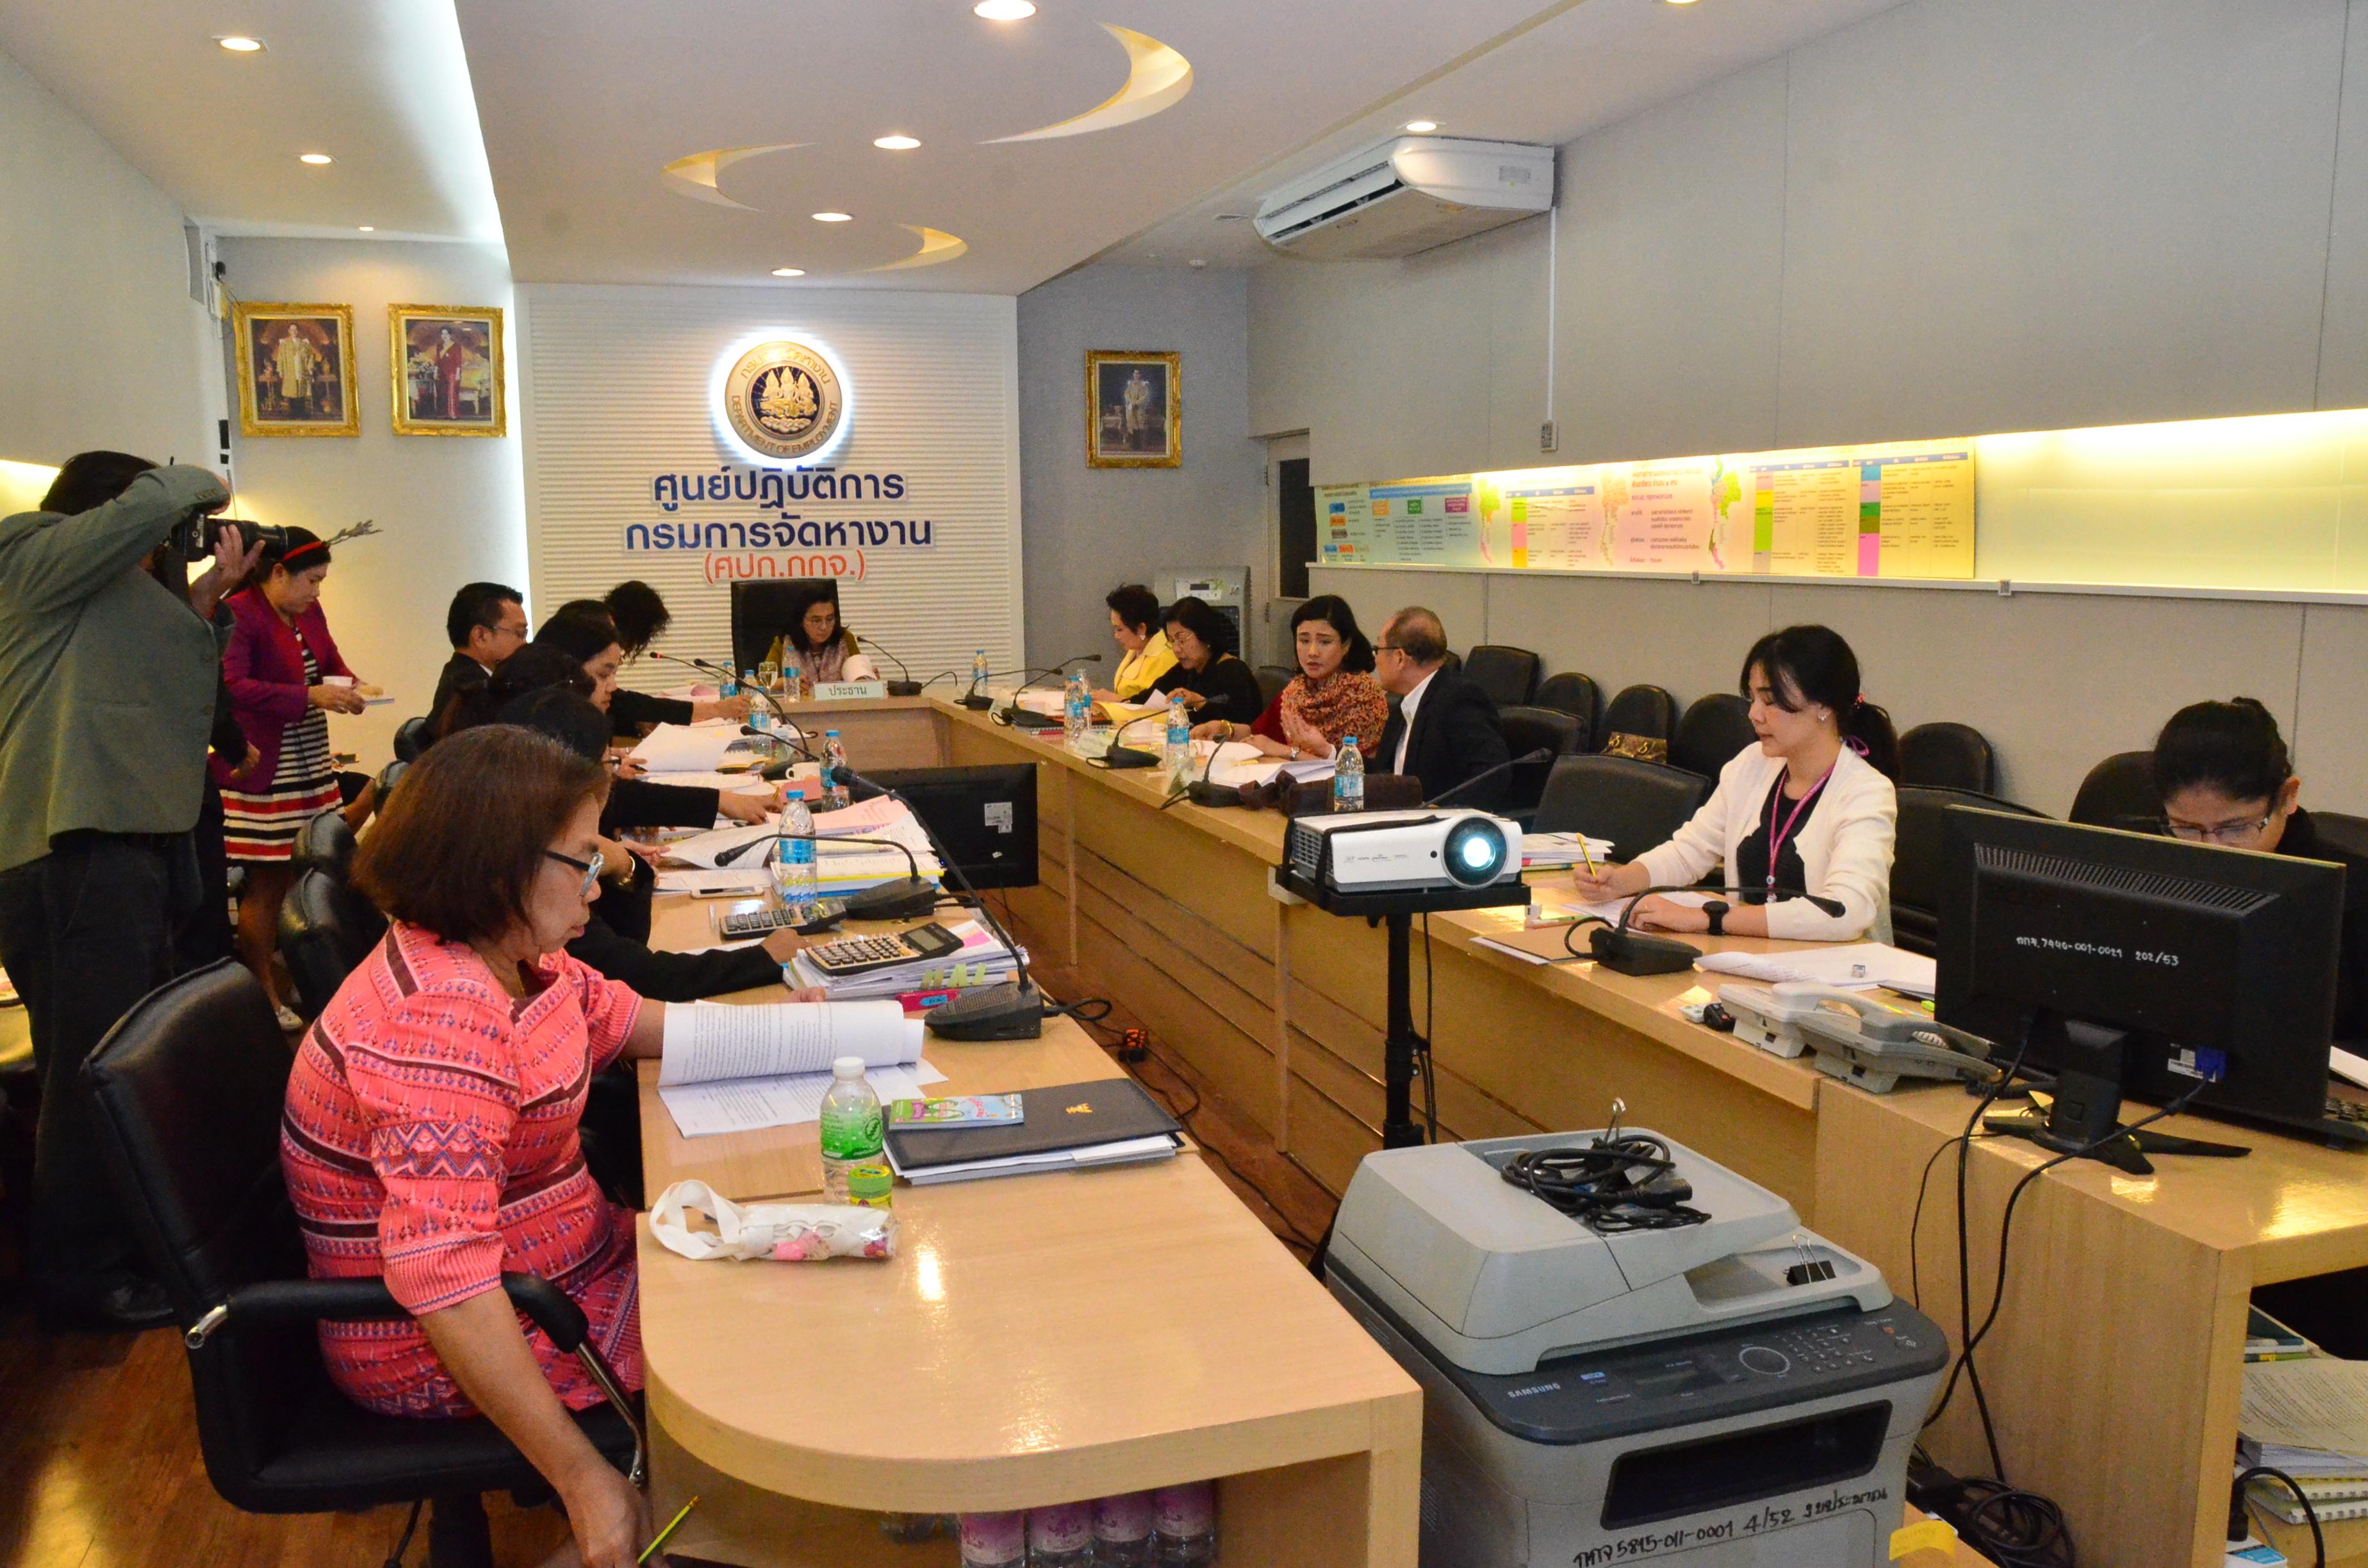 คณะกรรมการบริหารกองทุนเพื่อผู้รับงานไปทำที่บ้าน อนุมัติคำร้องขอกู้เงินฯ กว่า 1,000,000 บาท